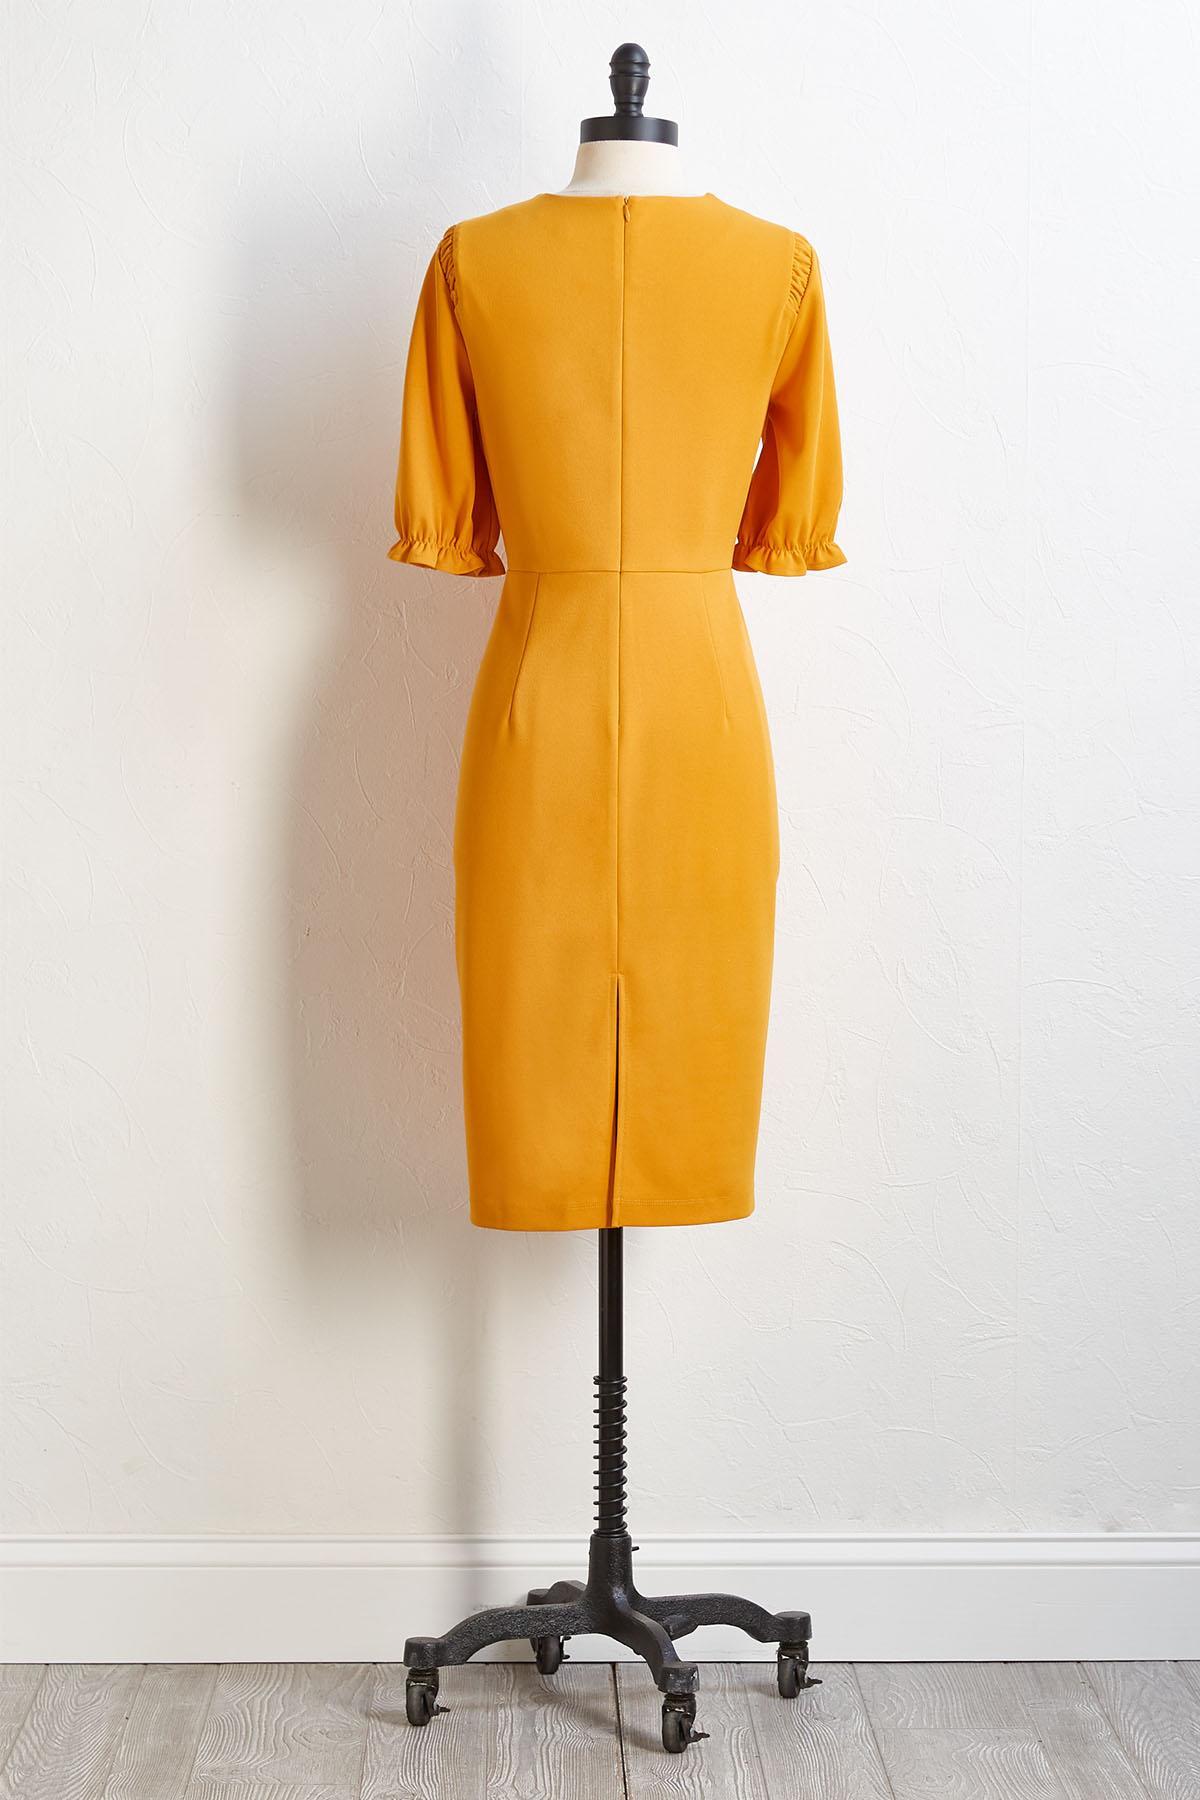 Had Me At Yellow Dress